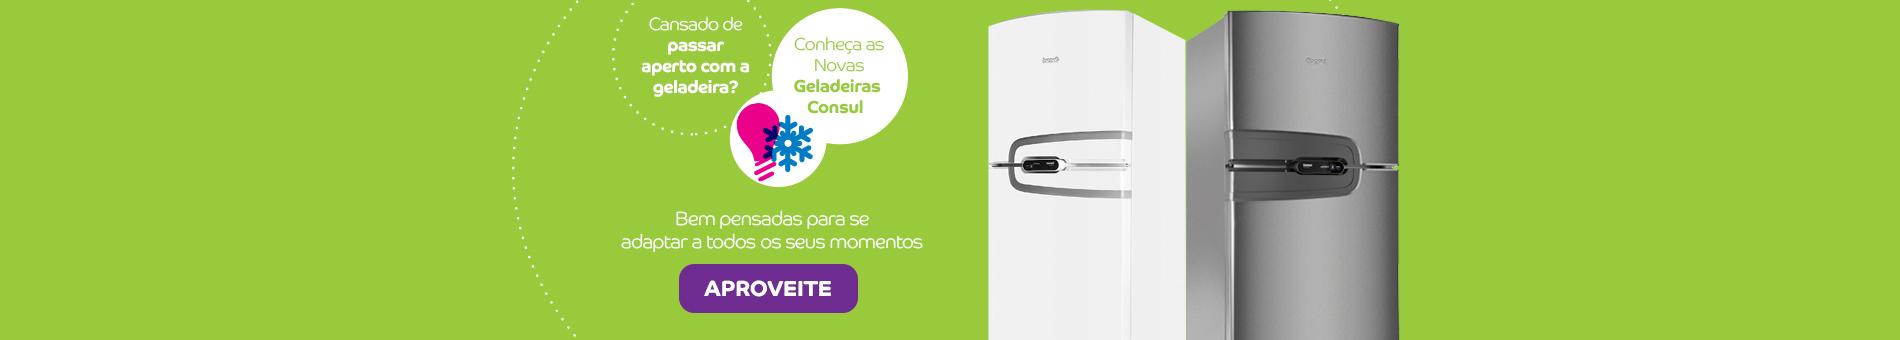 Promoção Interna - 613 - ofertasdefabrica_novasgeladeiras_home2_25072016 - novasgeladeiras - 2